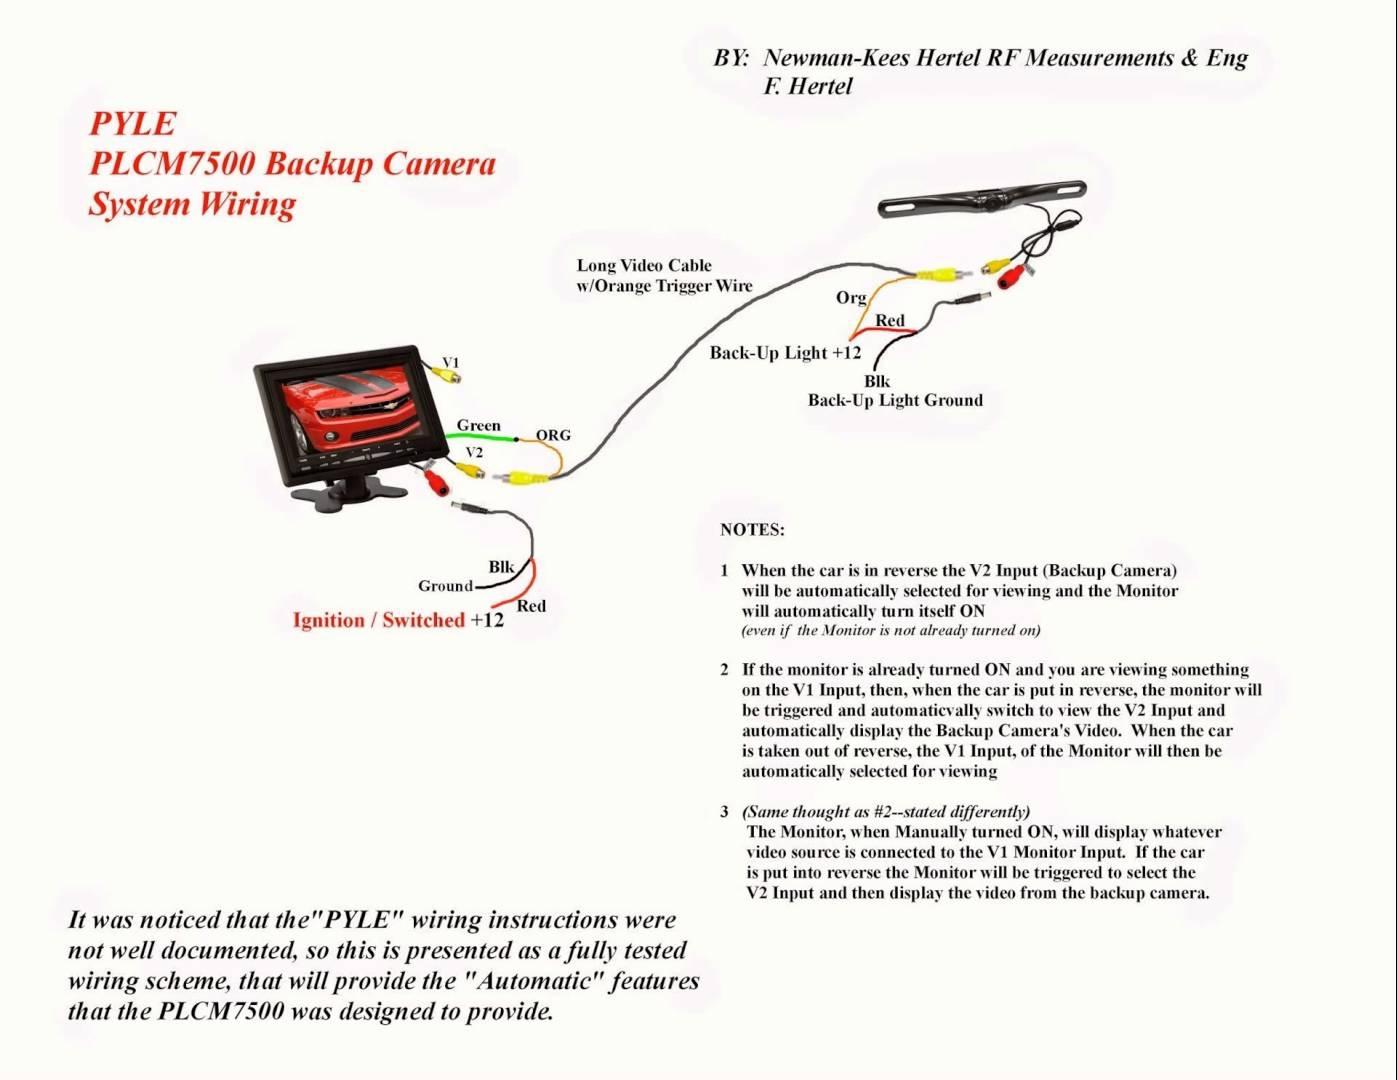 Voyager Camera Wiring Diagram | Wiring Diagram - Voyager Backup Camera Wiring Diagram